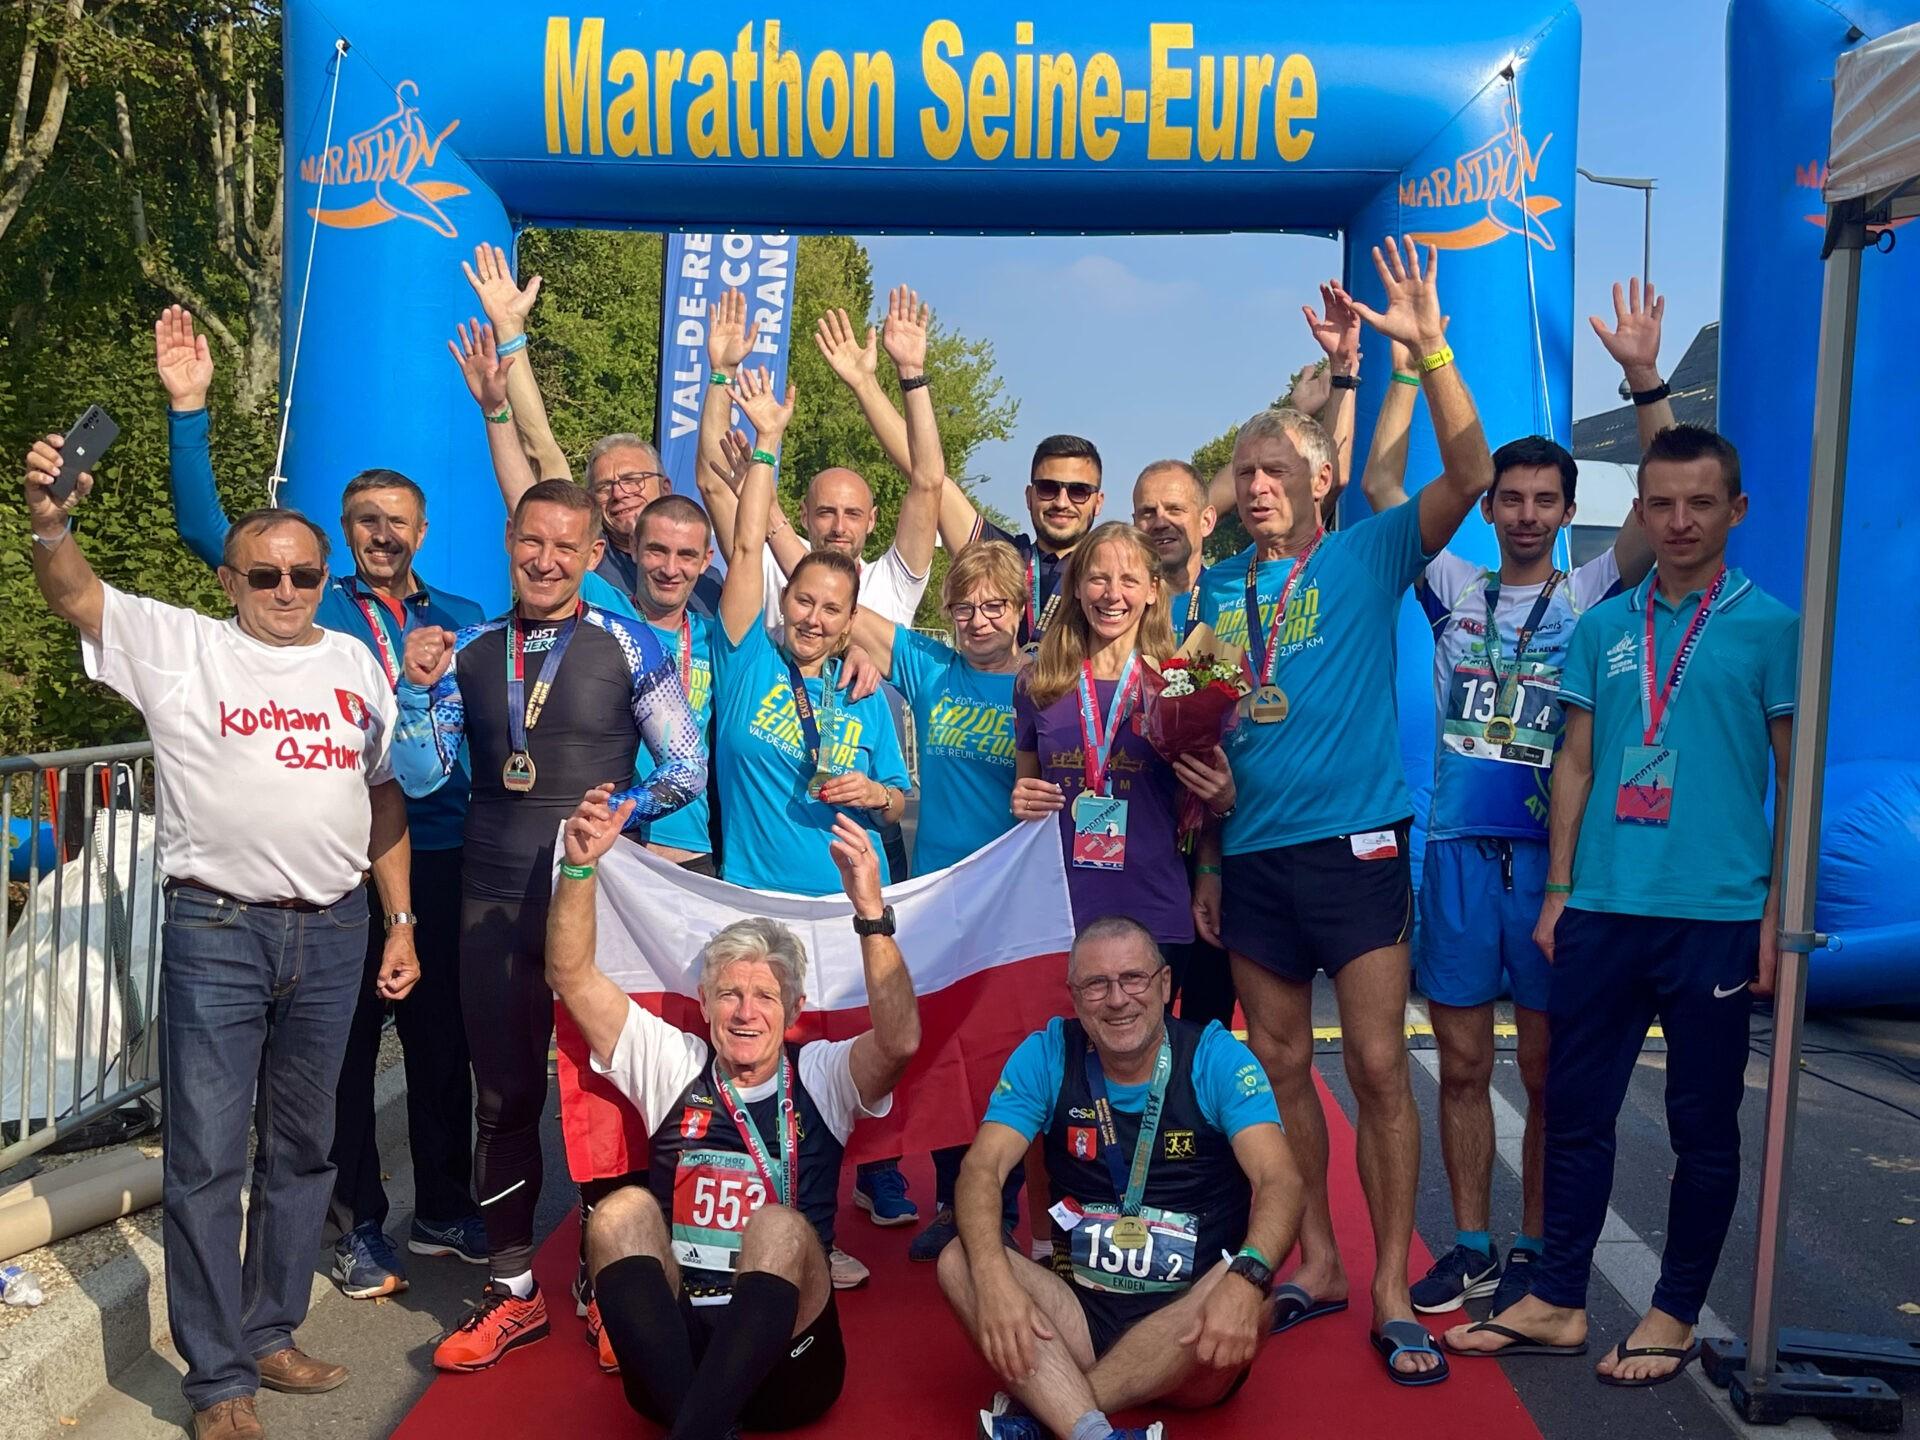 Les amis polonais de Sztum brillent sur la ligne d'arrivée du Marathon